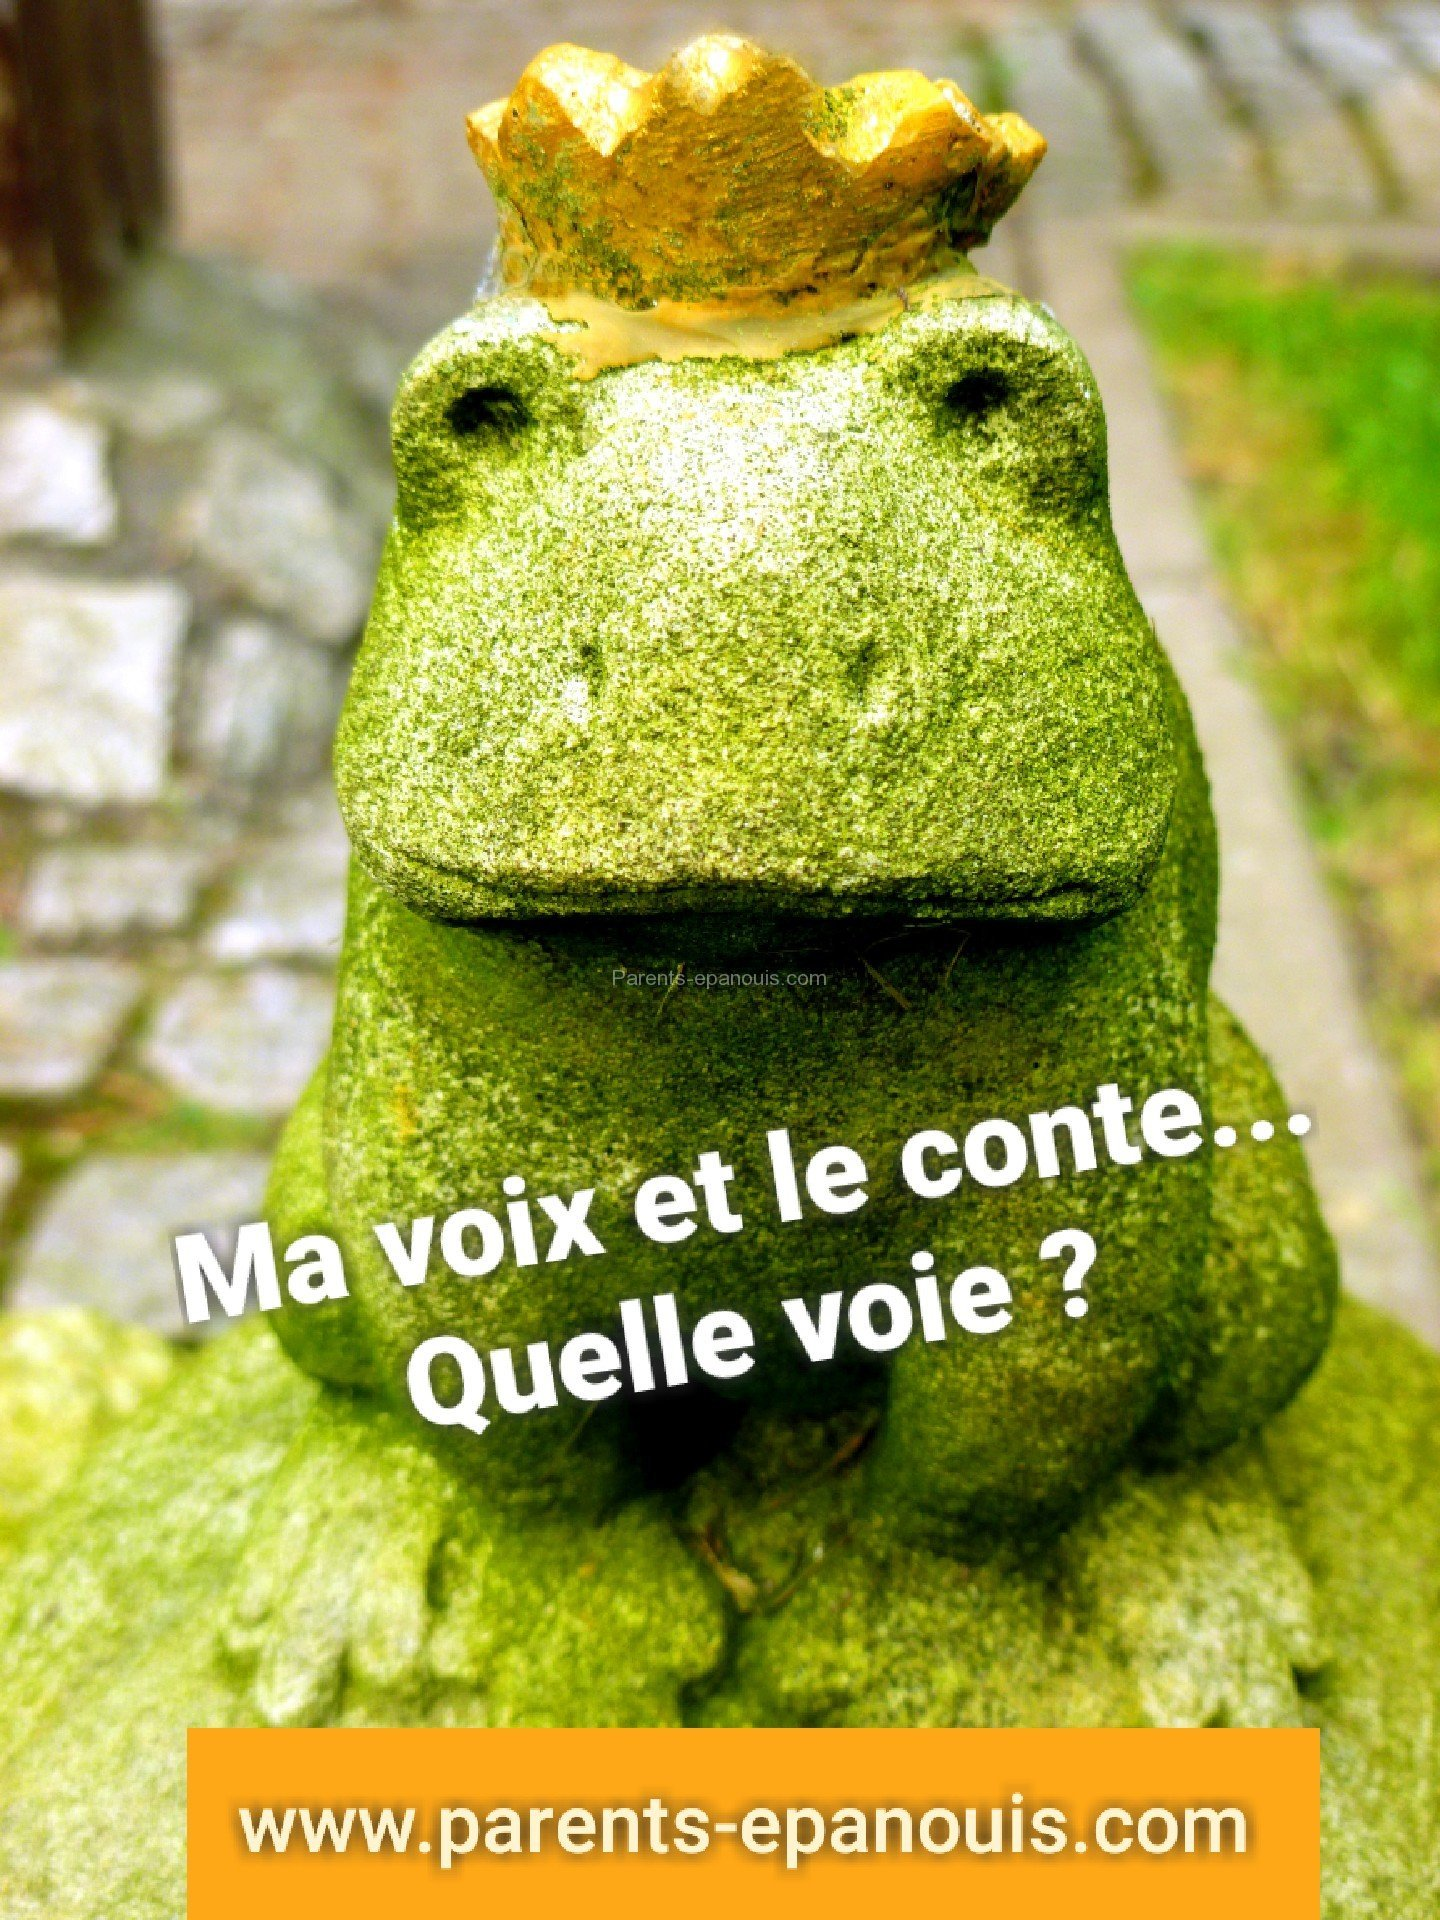 conte-histoire-voix_parents-epanouis1855793737.jpg